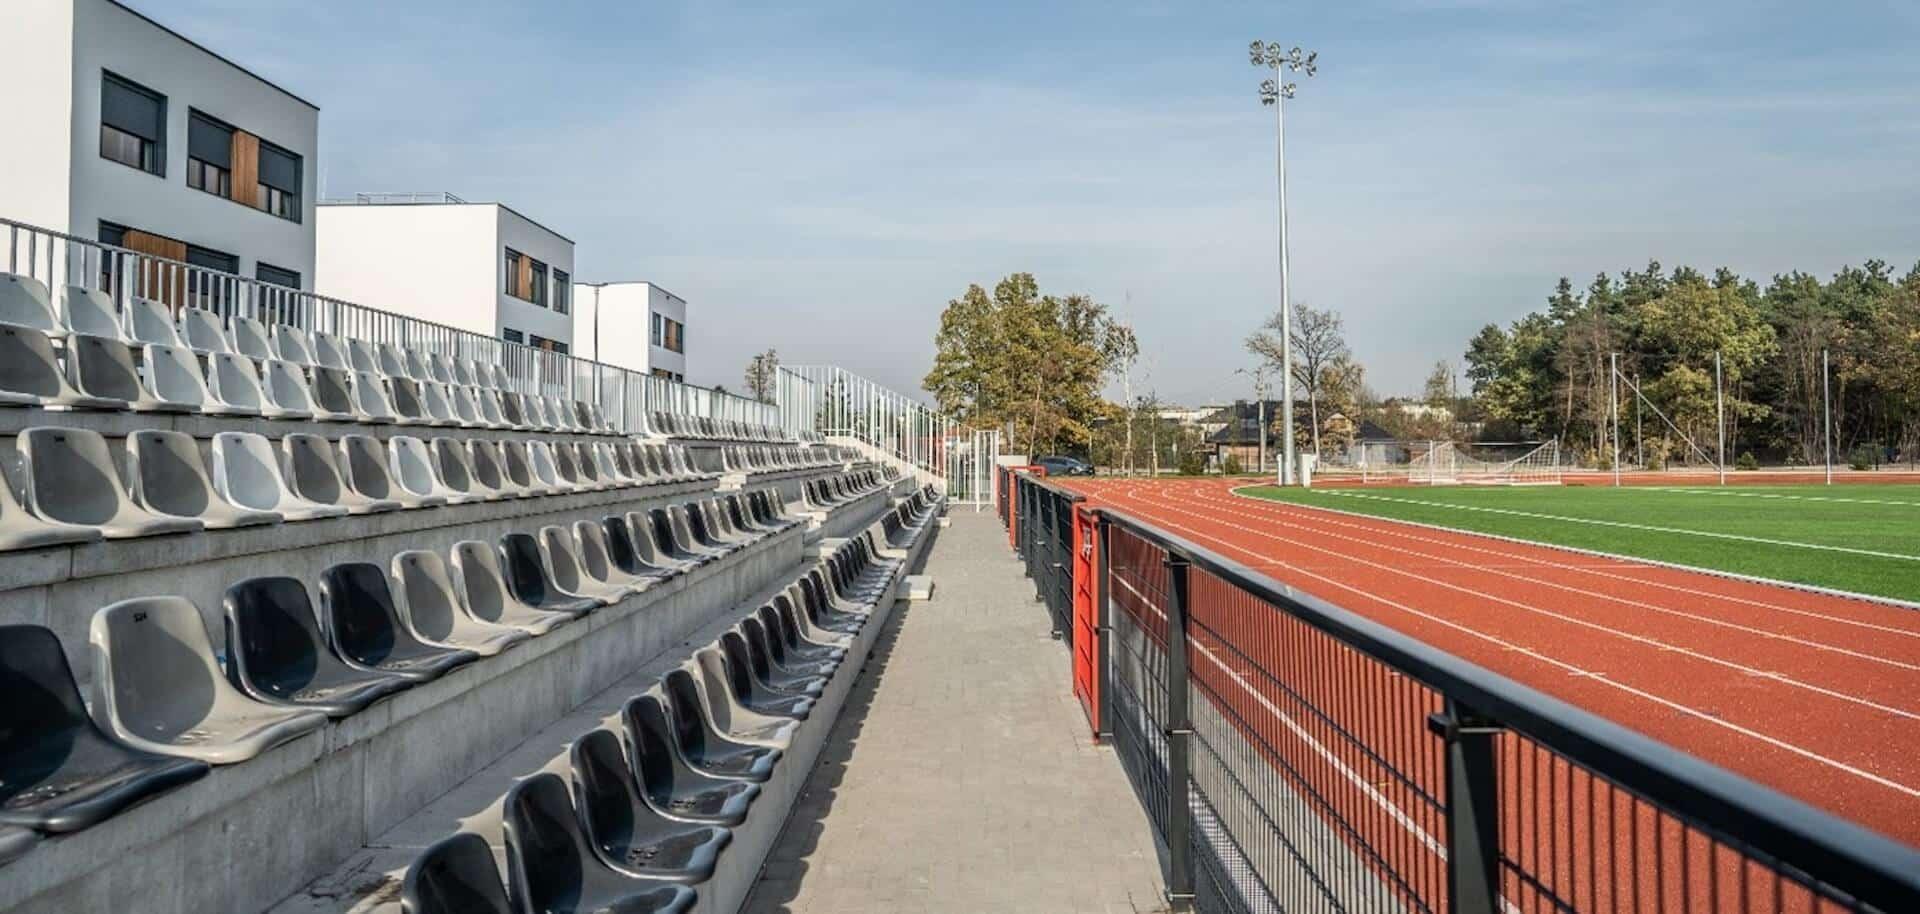 Widok na trybuny stadionu piłkarskiego za budynkiem A